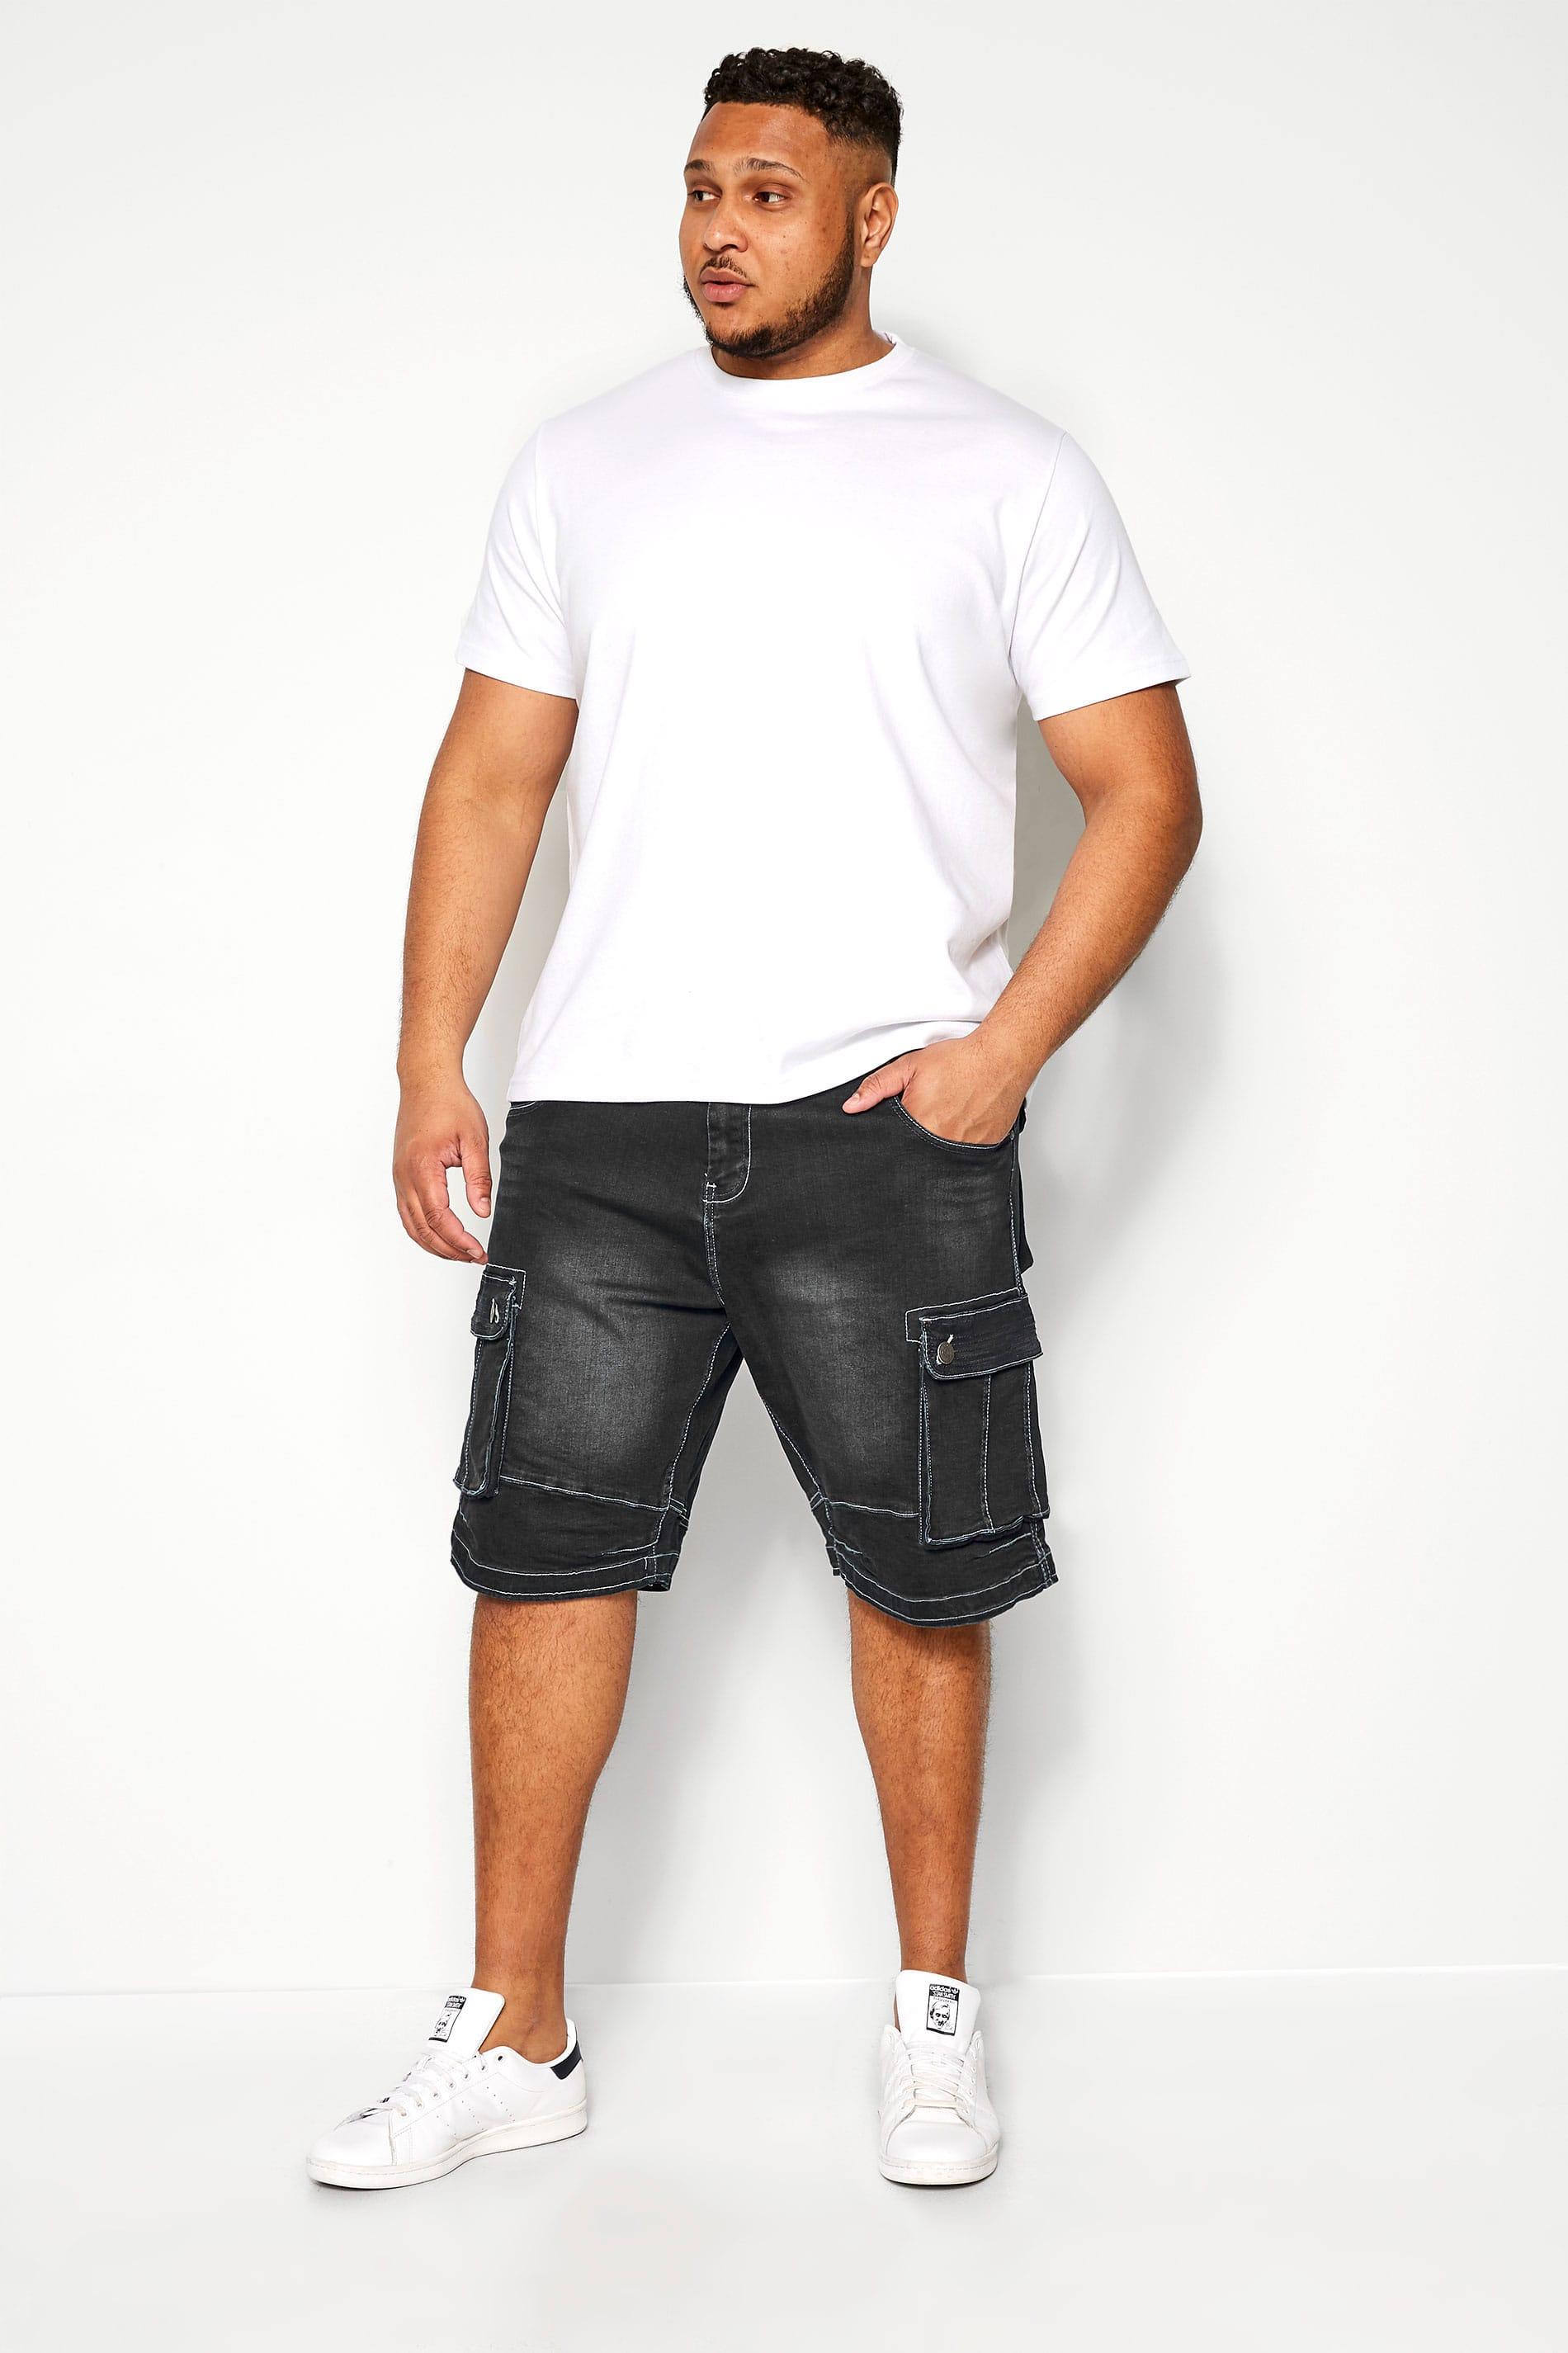 KAM Black Cargo Denim Shorts